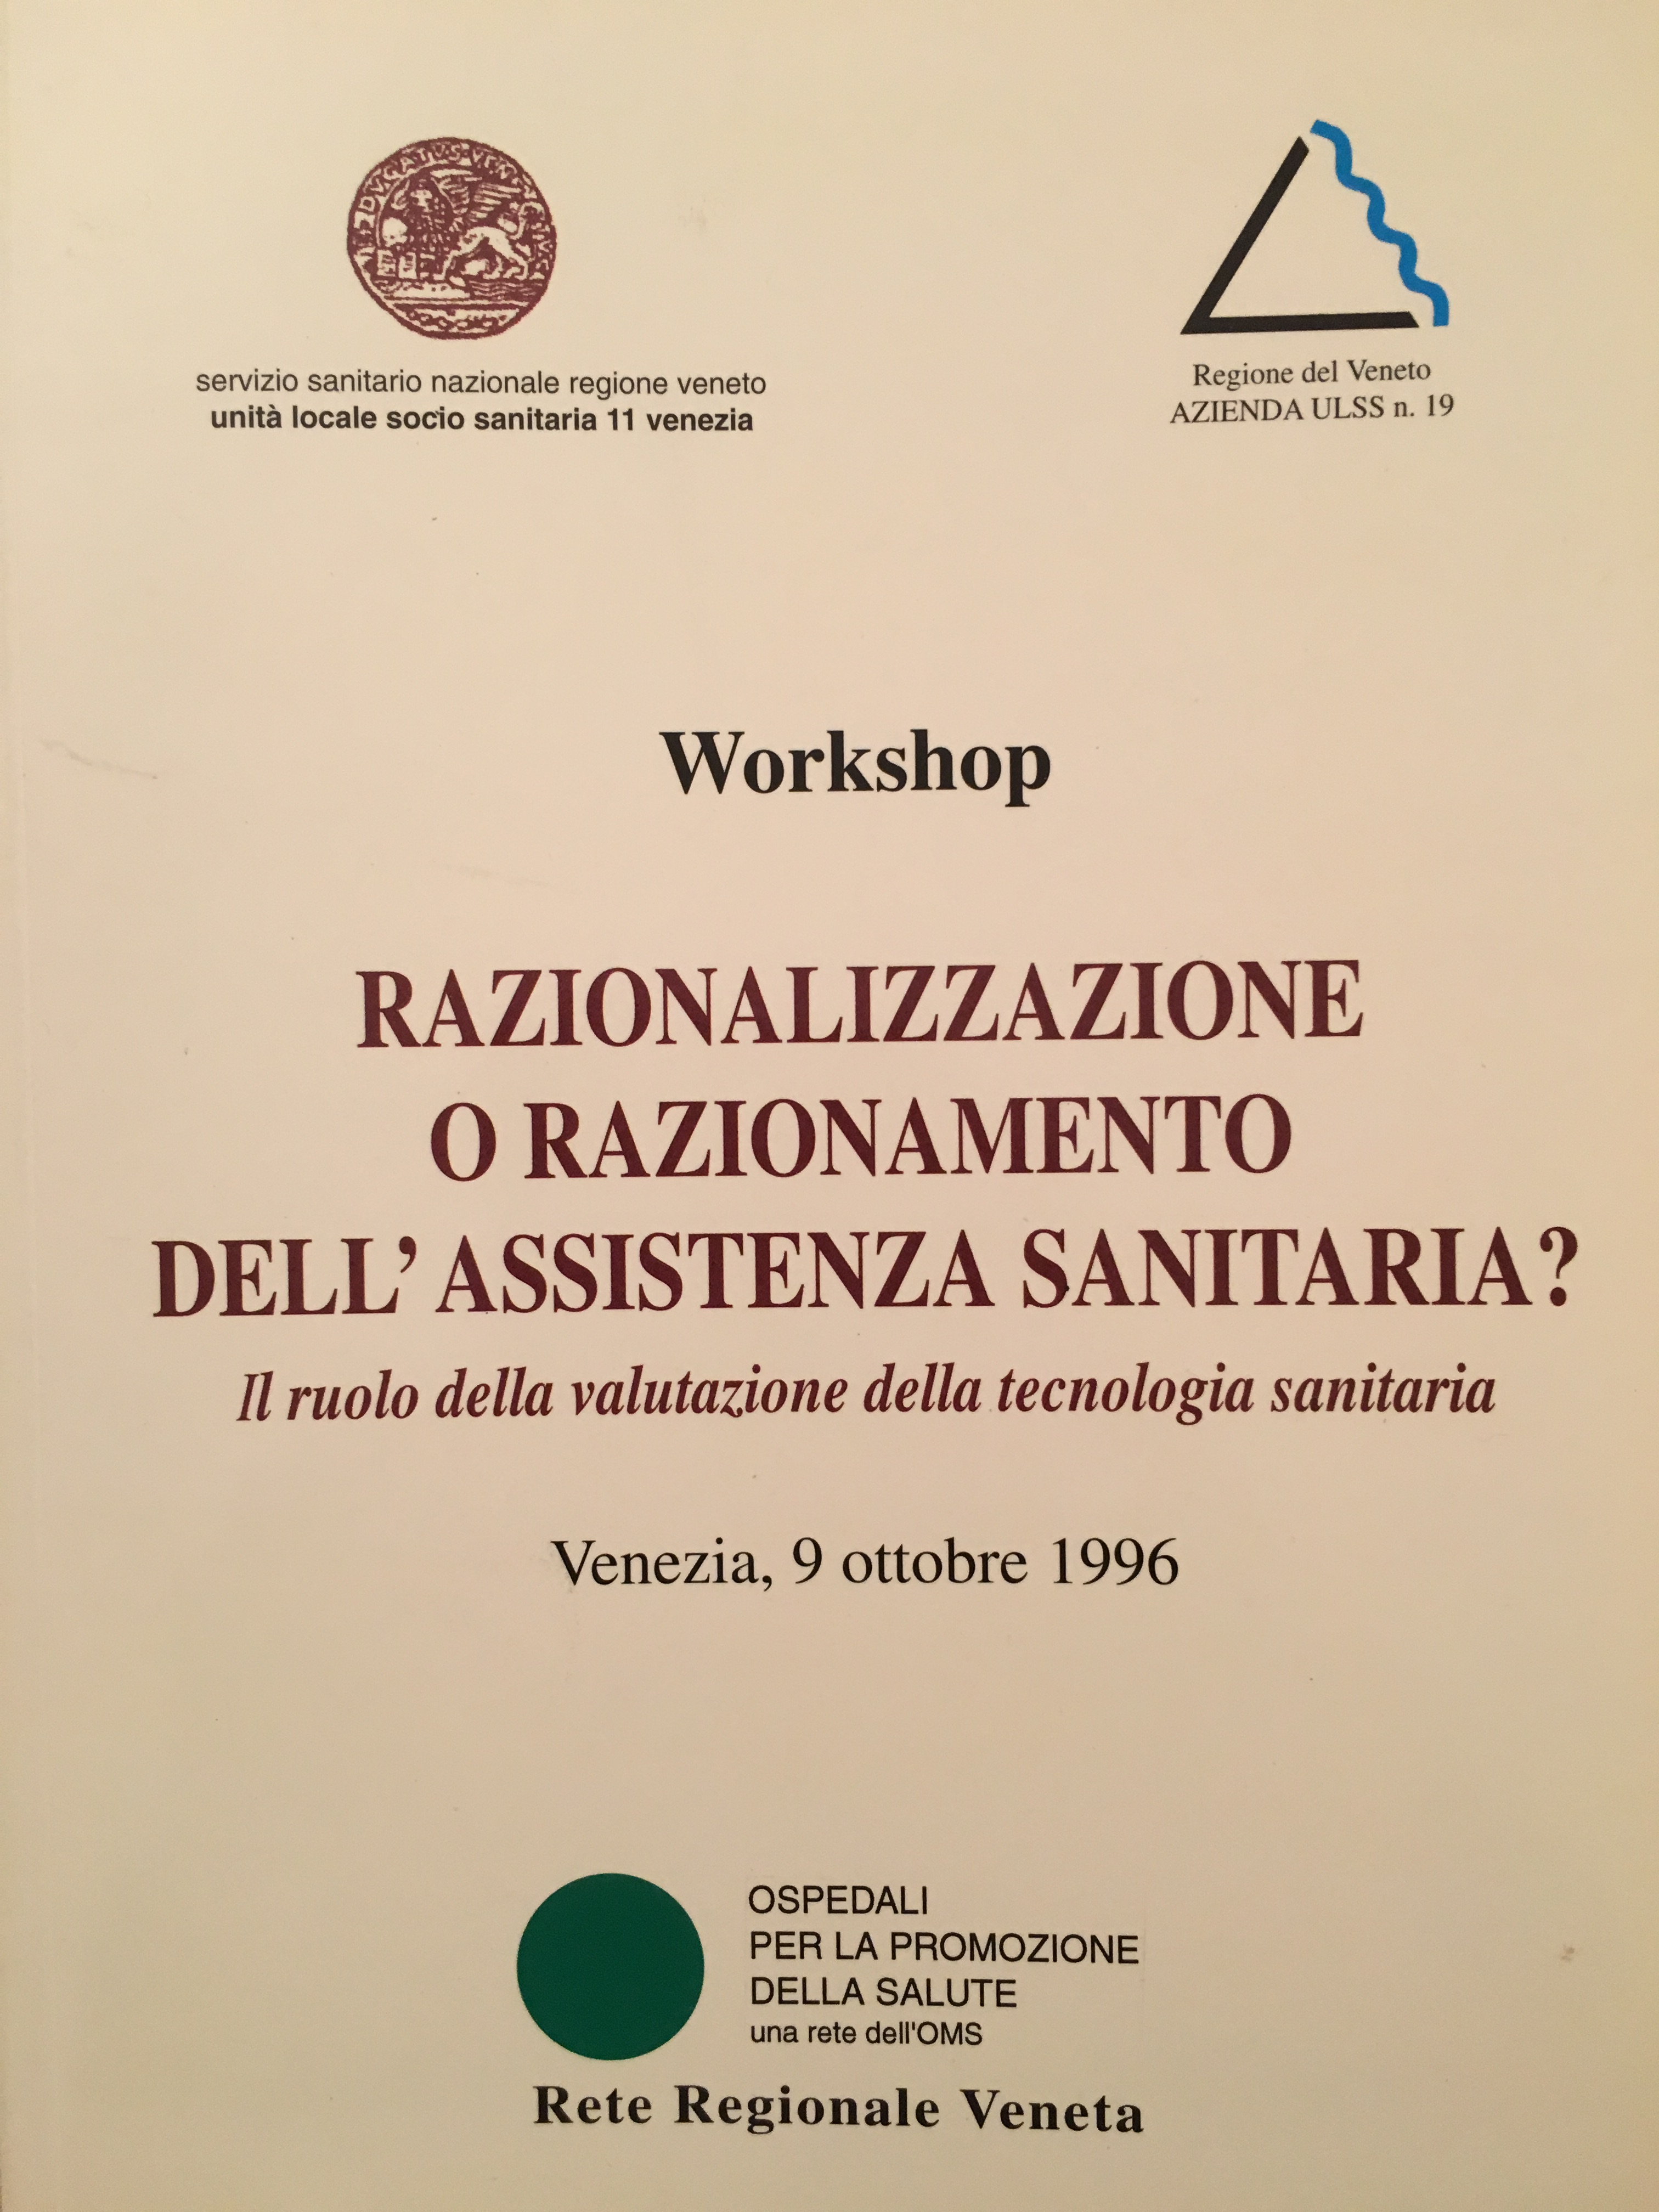 Healthcare Reform Carlo Favaretti